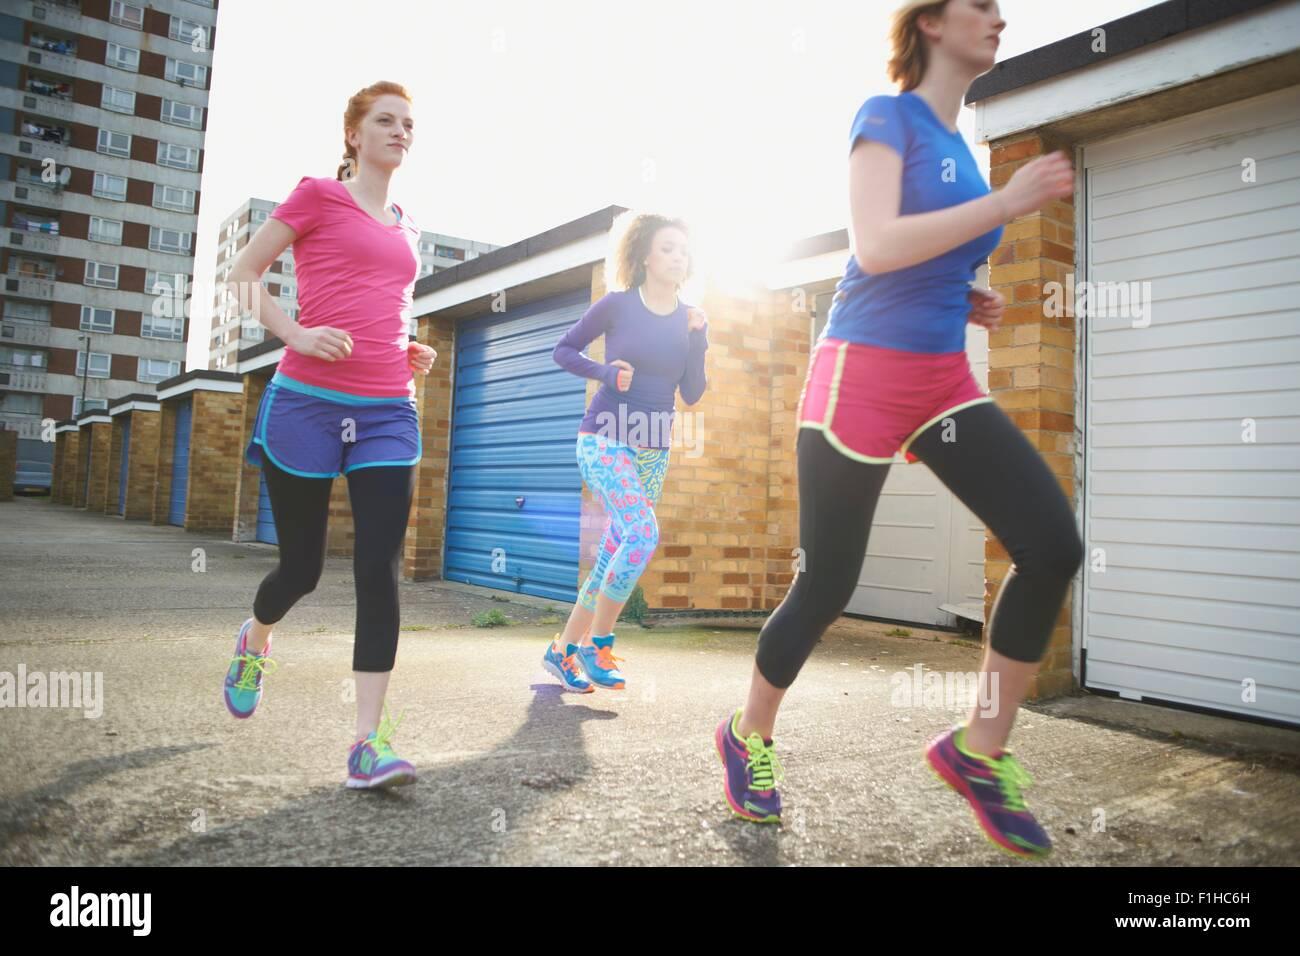 Drei Frauen trainieren und gemeinsam Joggen Stockbild